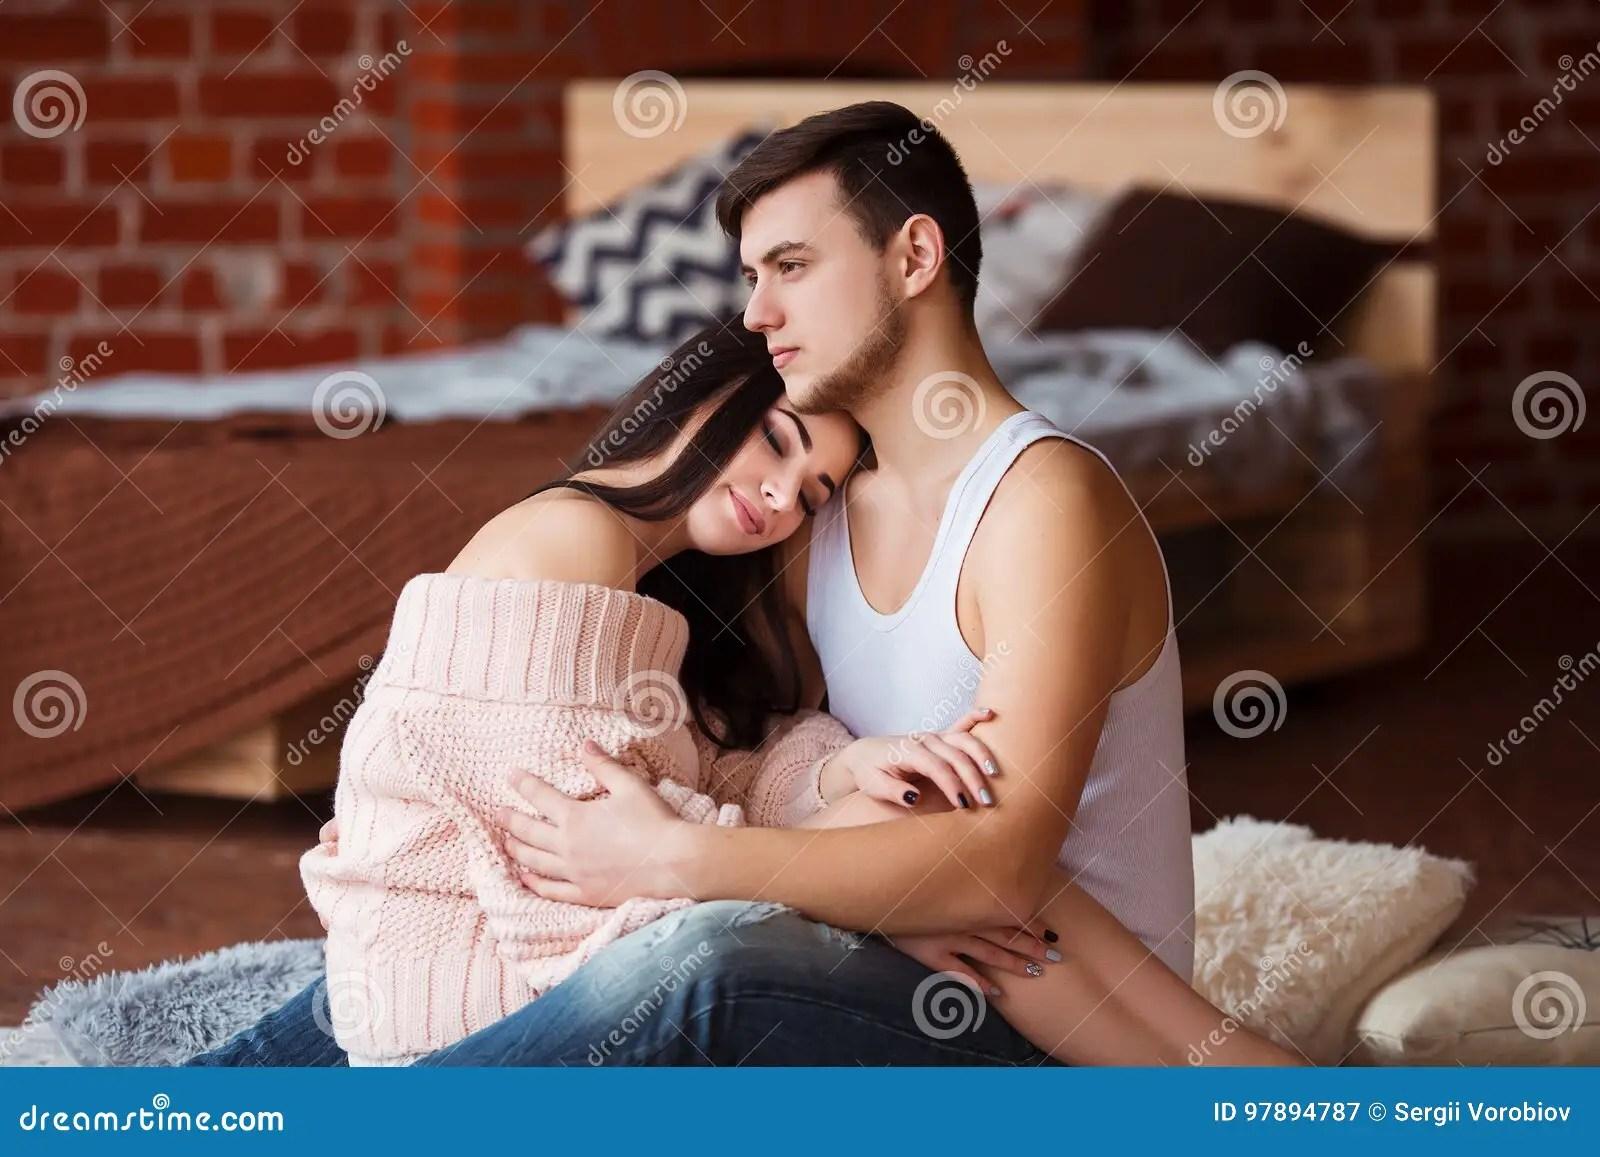 romantic couple passion time